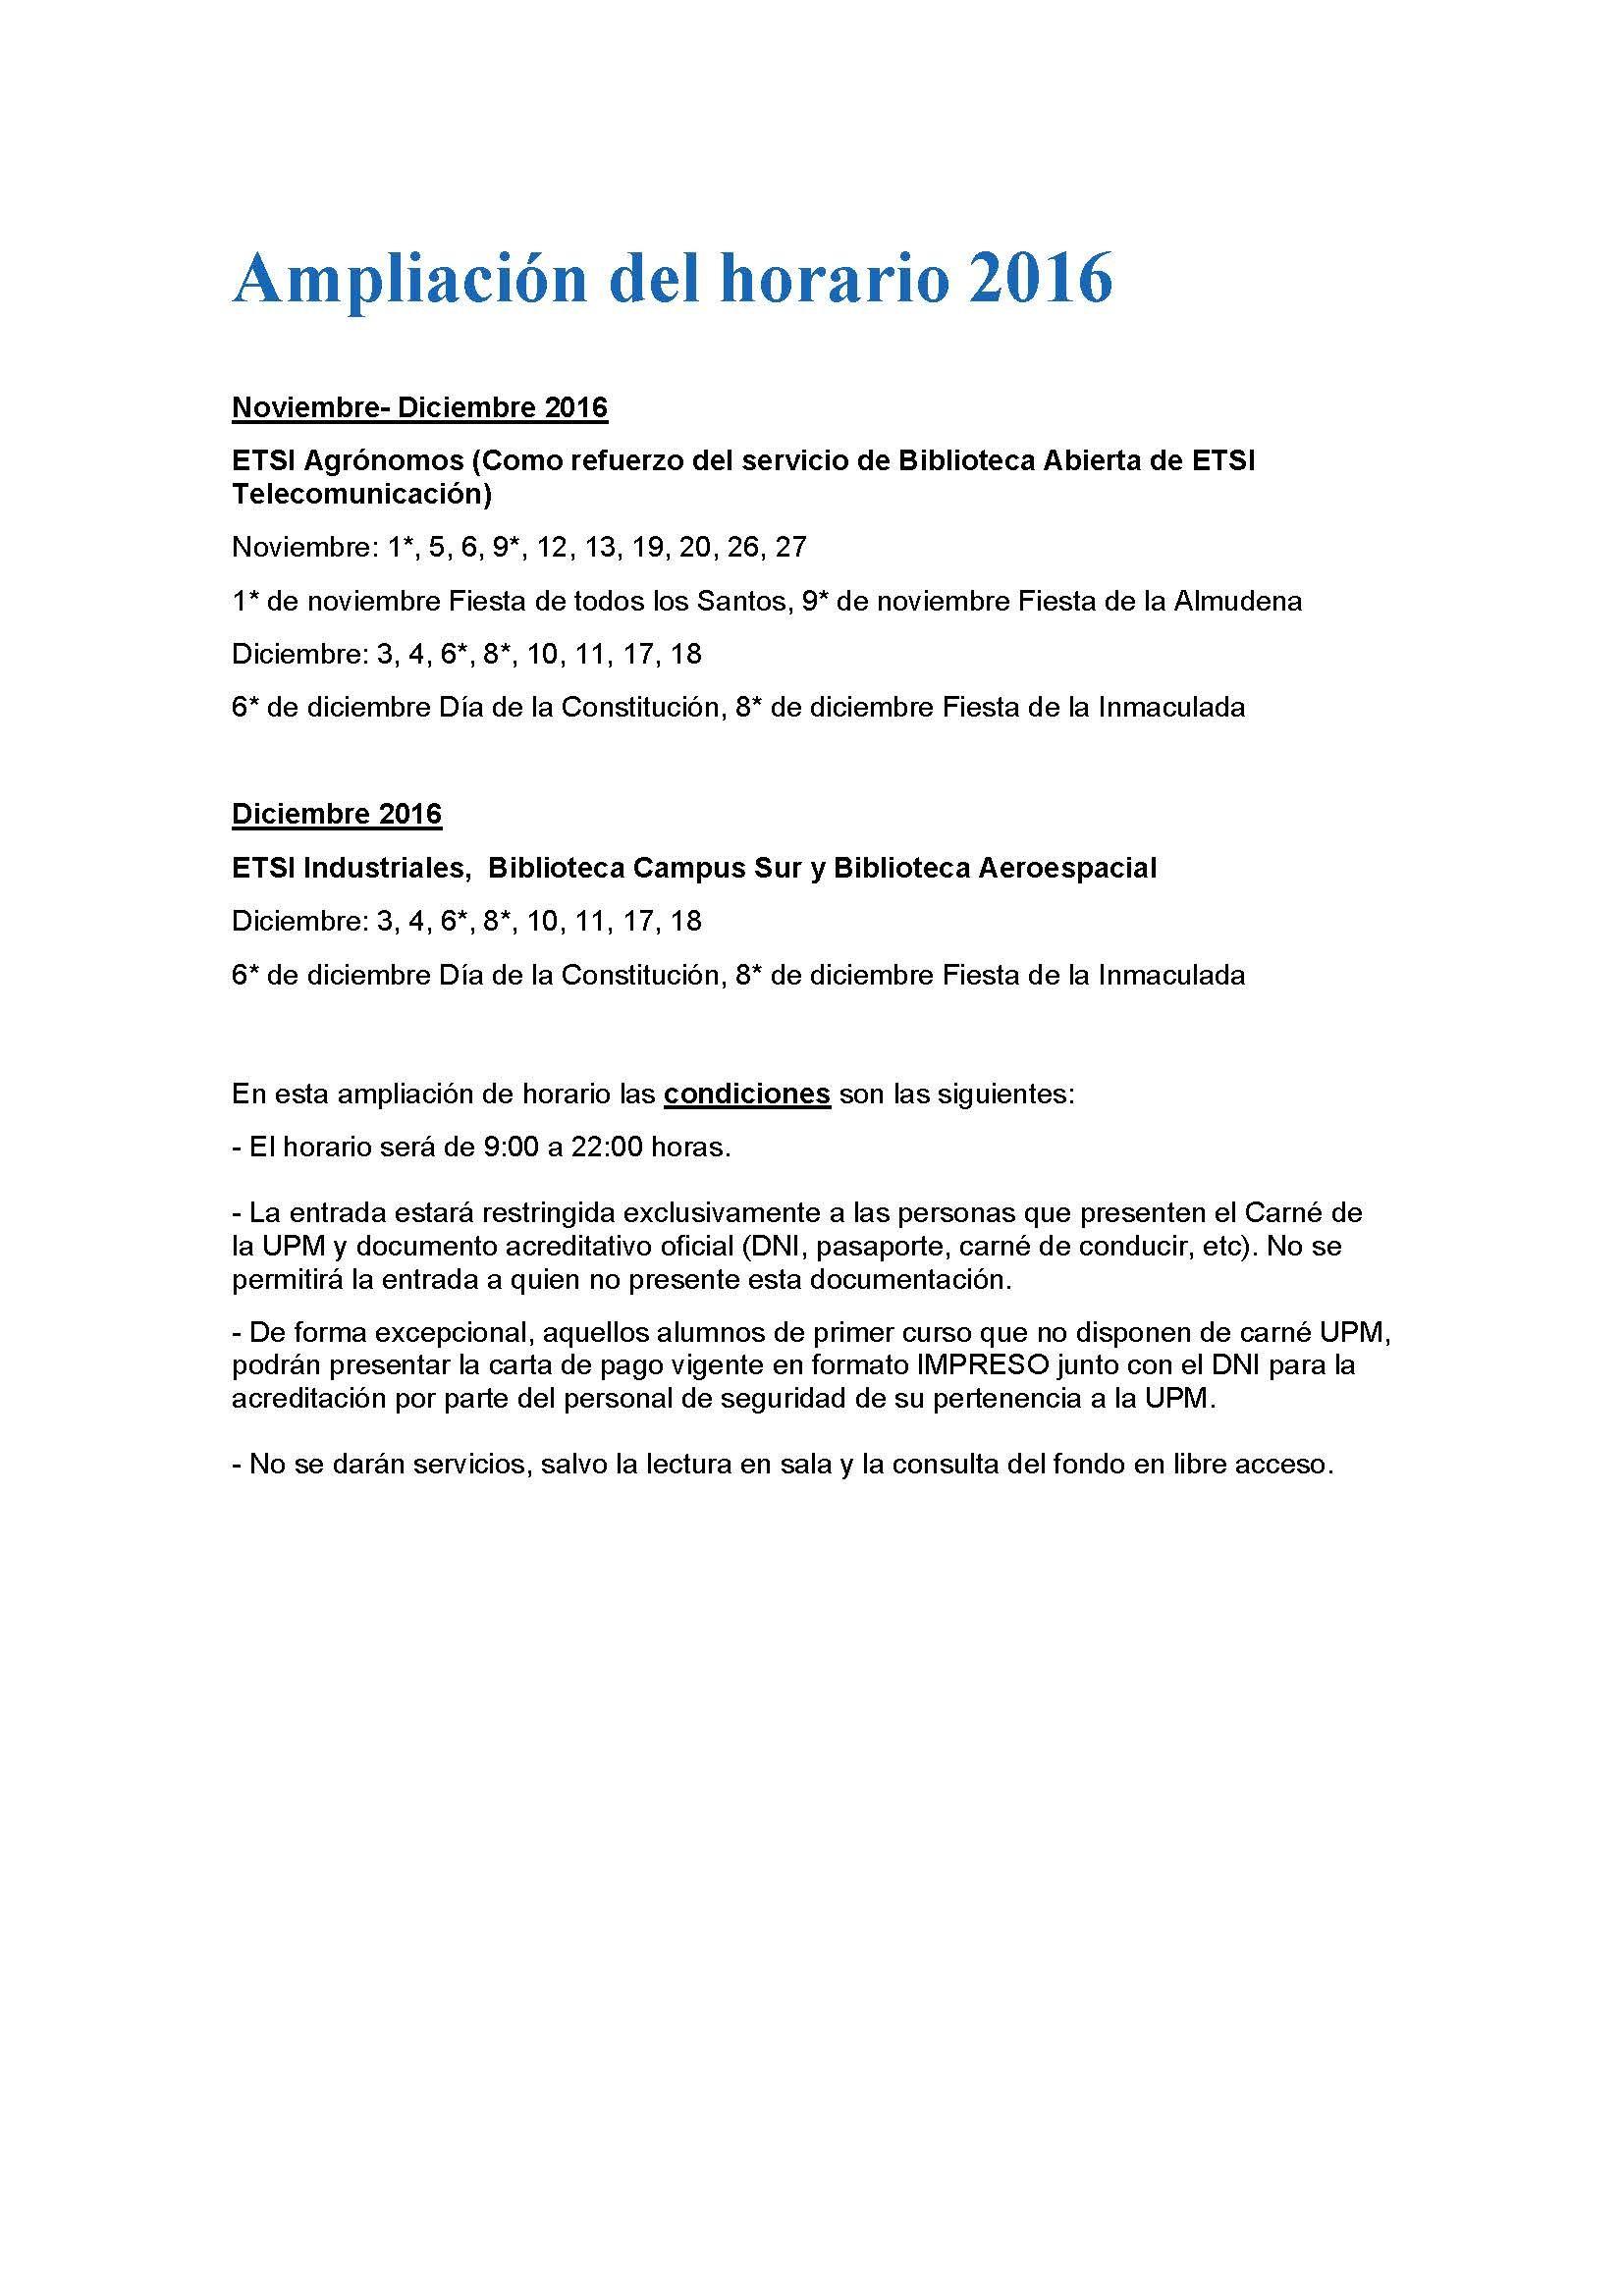 APERTURA DE ESCUELAS EN HORARIO EXTRAORDINARIO